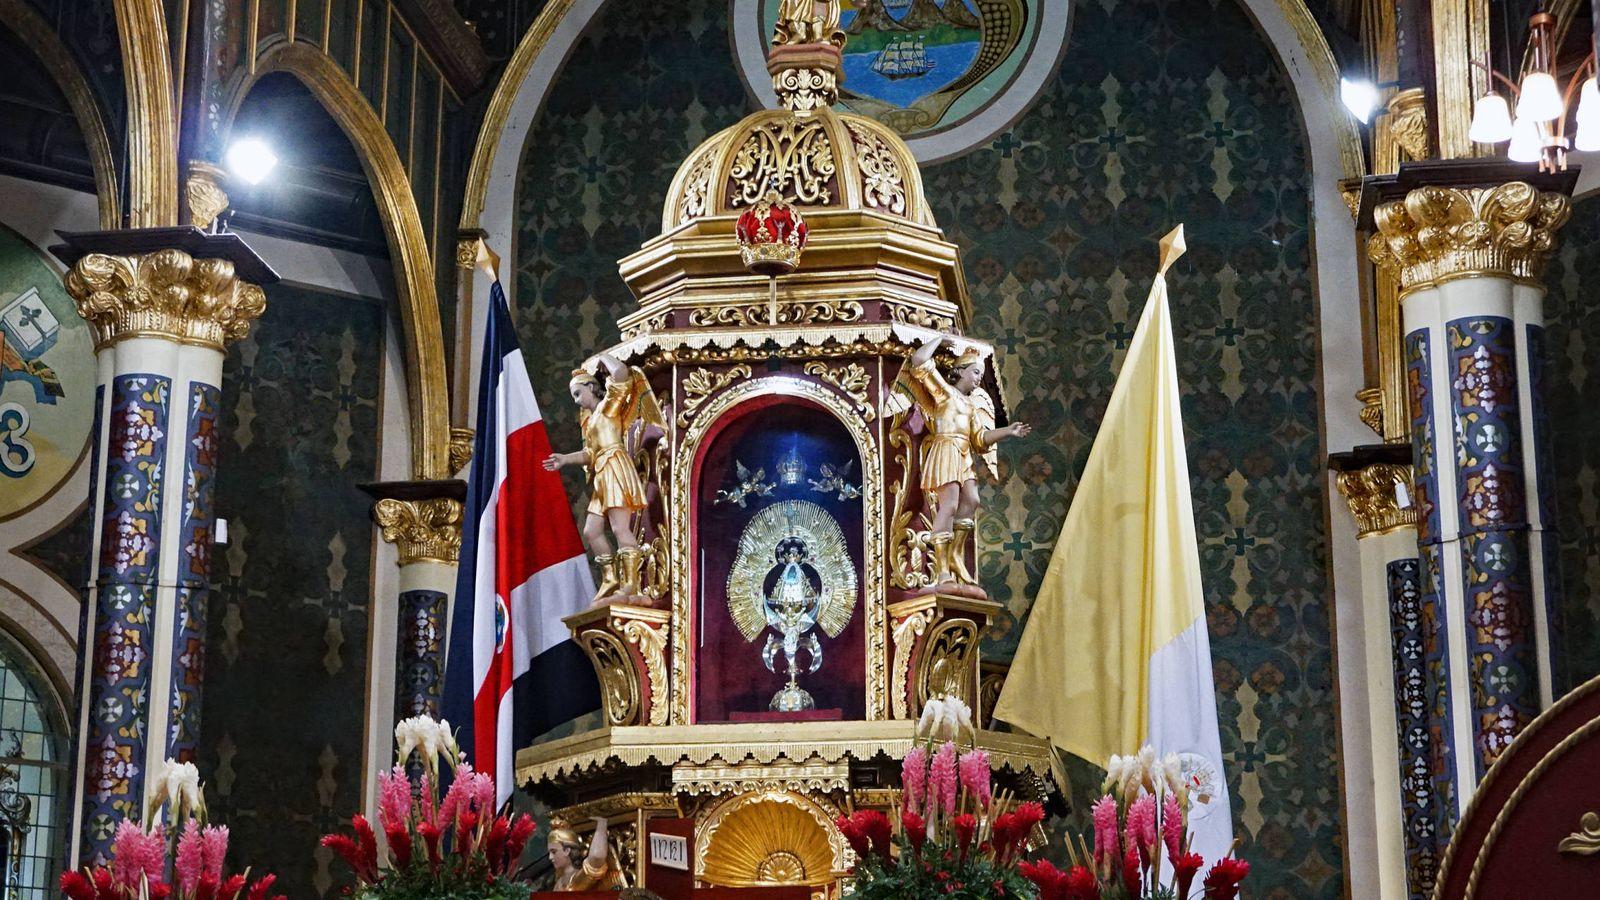 Foto: Nuestra Señora de los Ángeles, patrona de Costa Rica (Wikipedia)